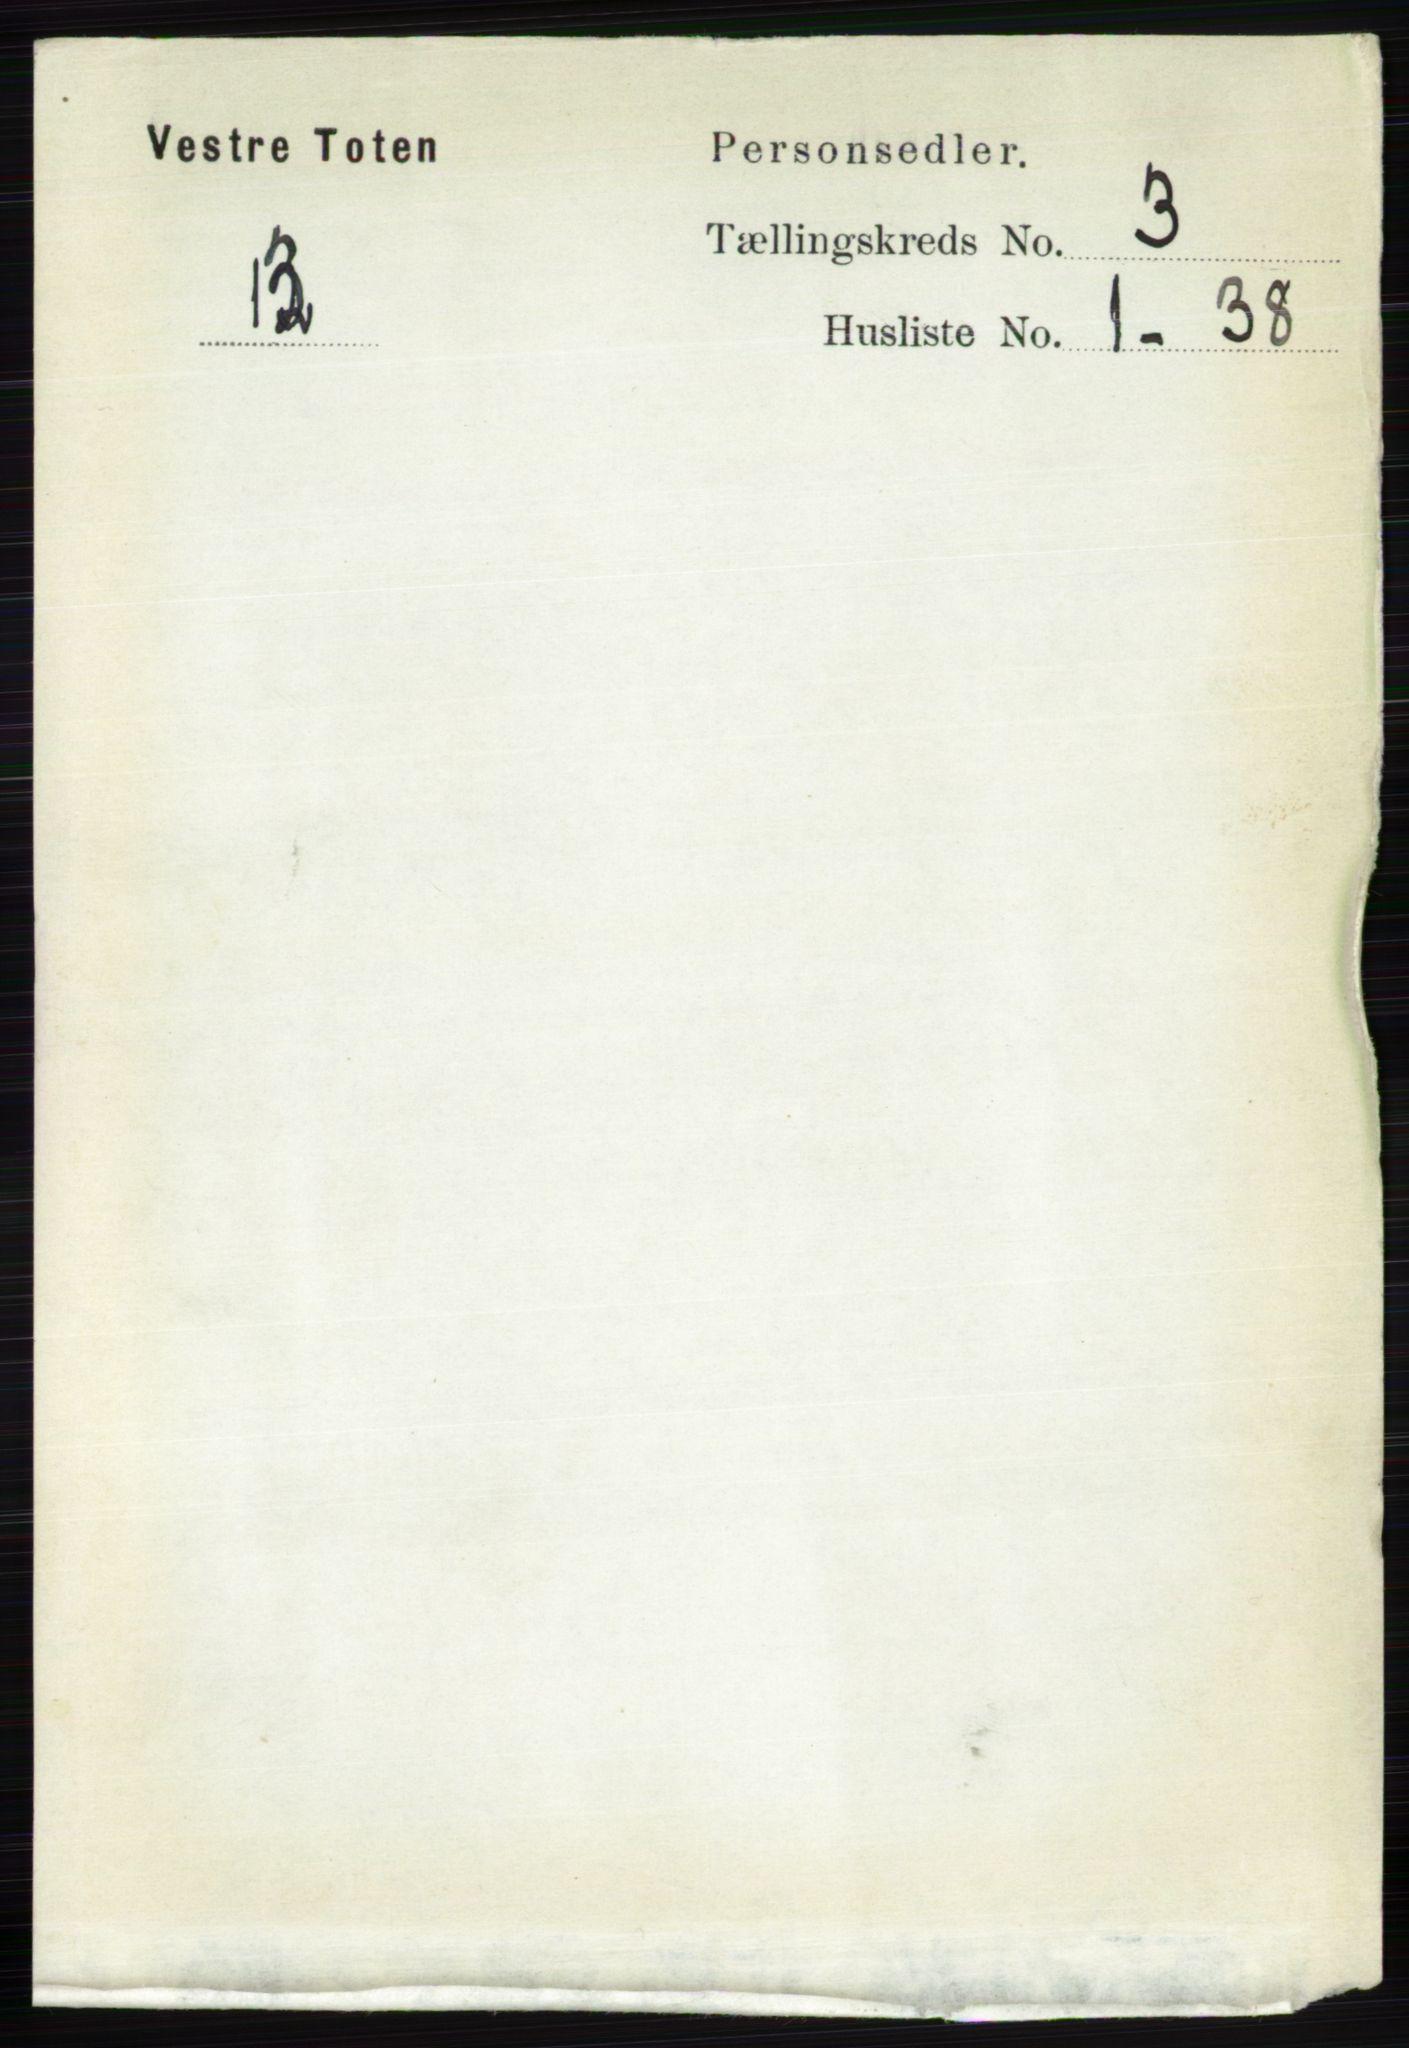 RA, Folketelling 1891 for 0529 Vestre Toten herred, 1891, s. 1992